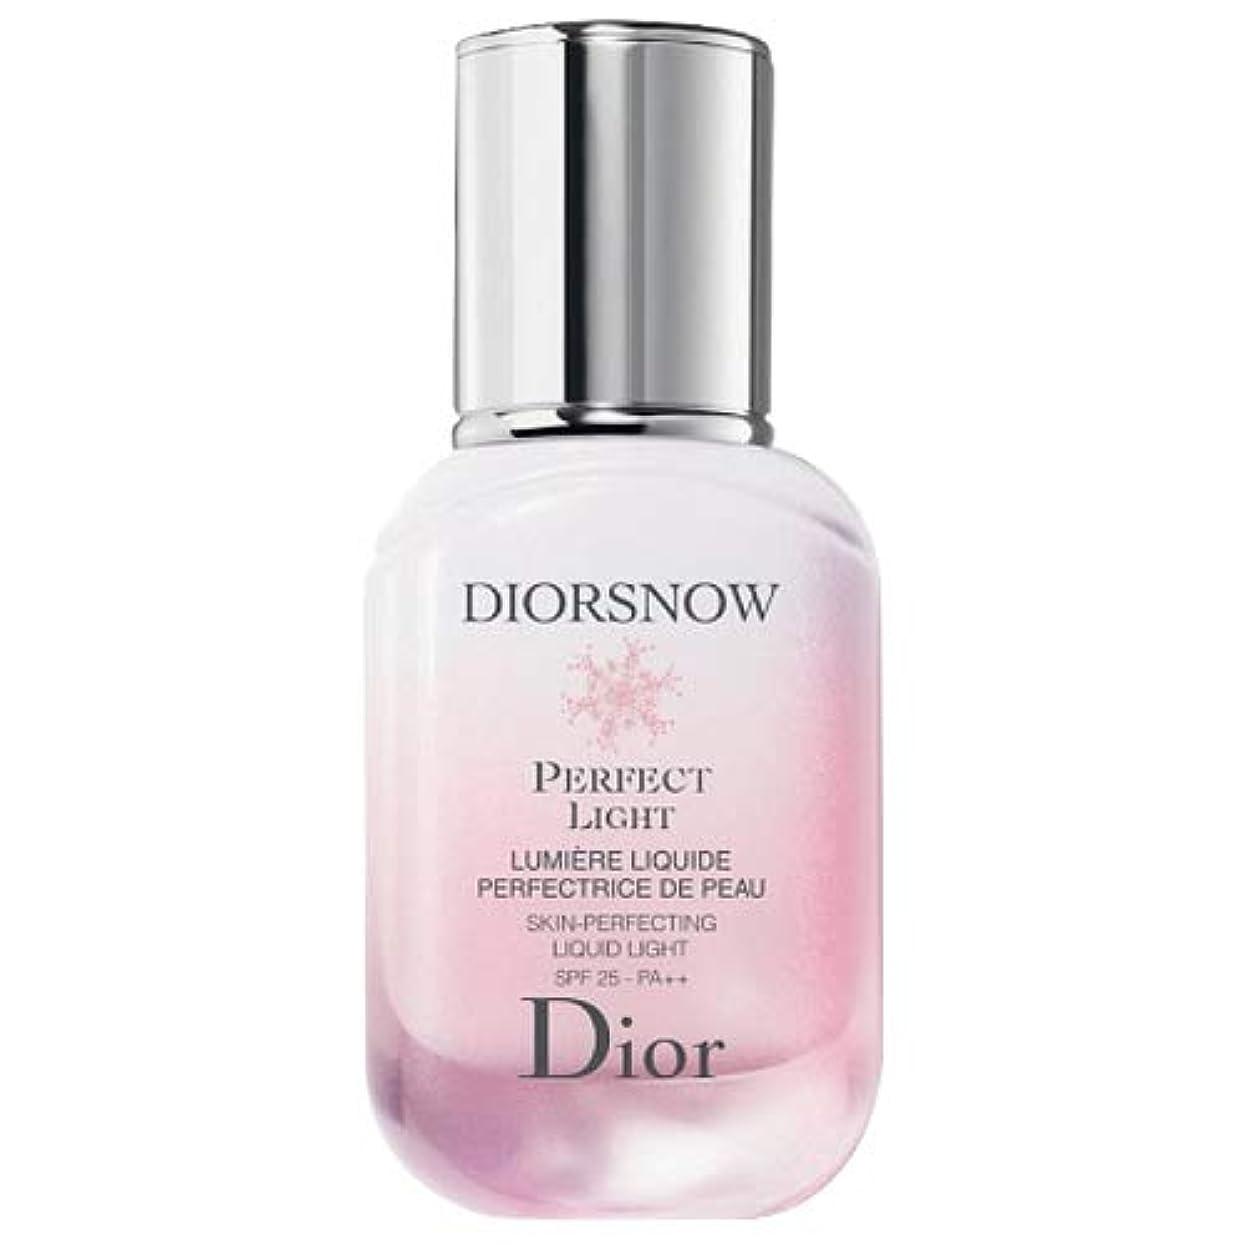 味もちろんケイ素クリスチャンディオール Christian Dior スノーパーフェクト ライト SPF25/PA++ 30mL [並行輸入品]